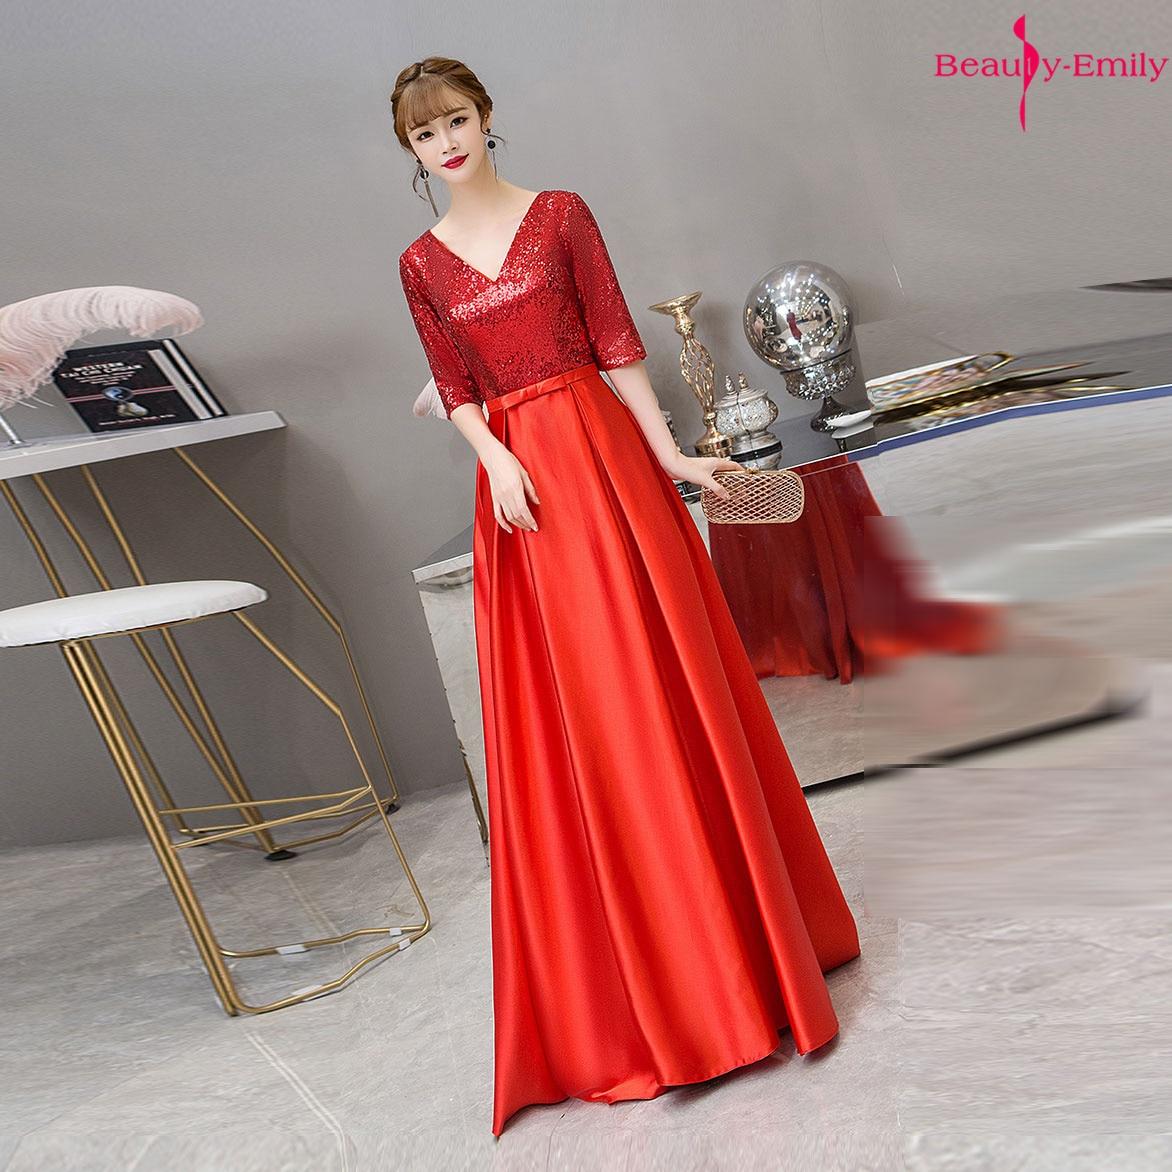 Beauty-Emily col en V 2019 paillettes robe de soirée longue rouge demi manches Satin robe formelle robes de soirée à lacets dos Vestido de noche